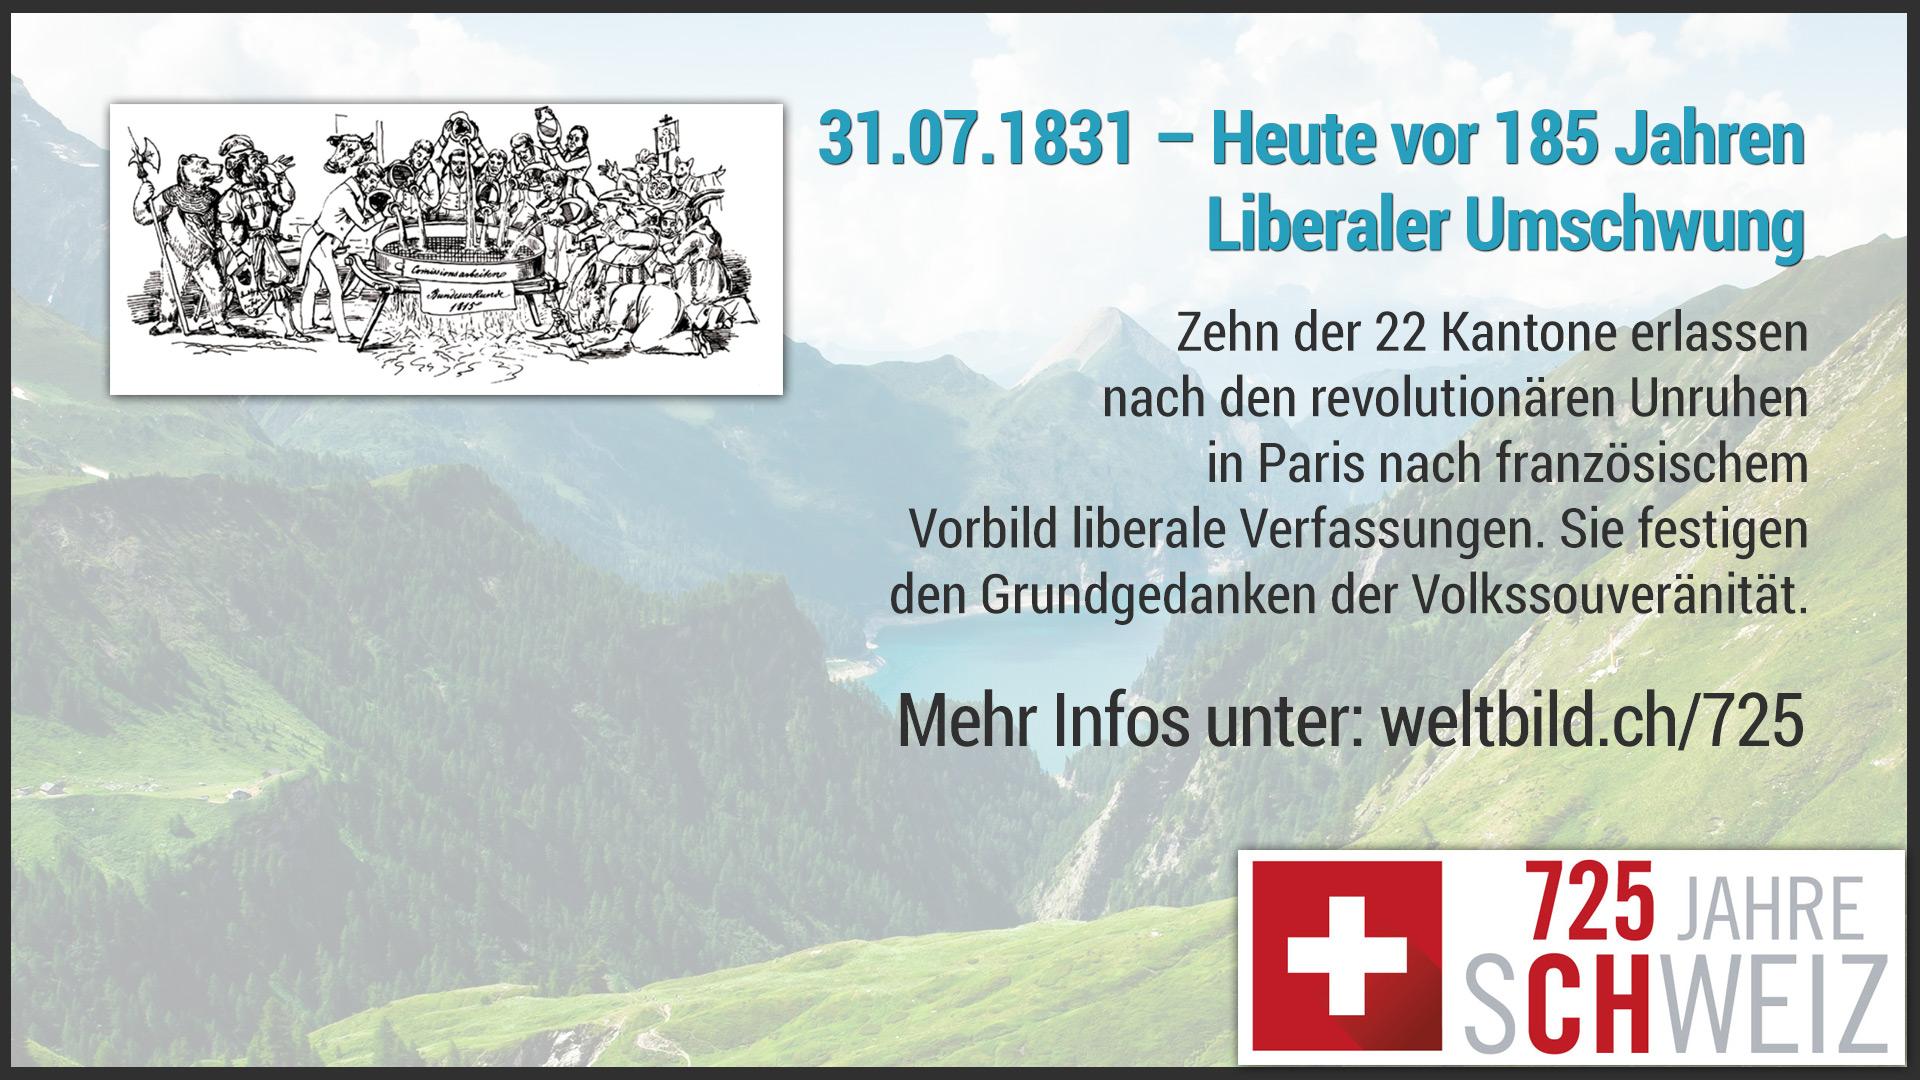 instore_160731_liberaler-umschwung01_ch